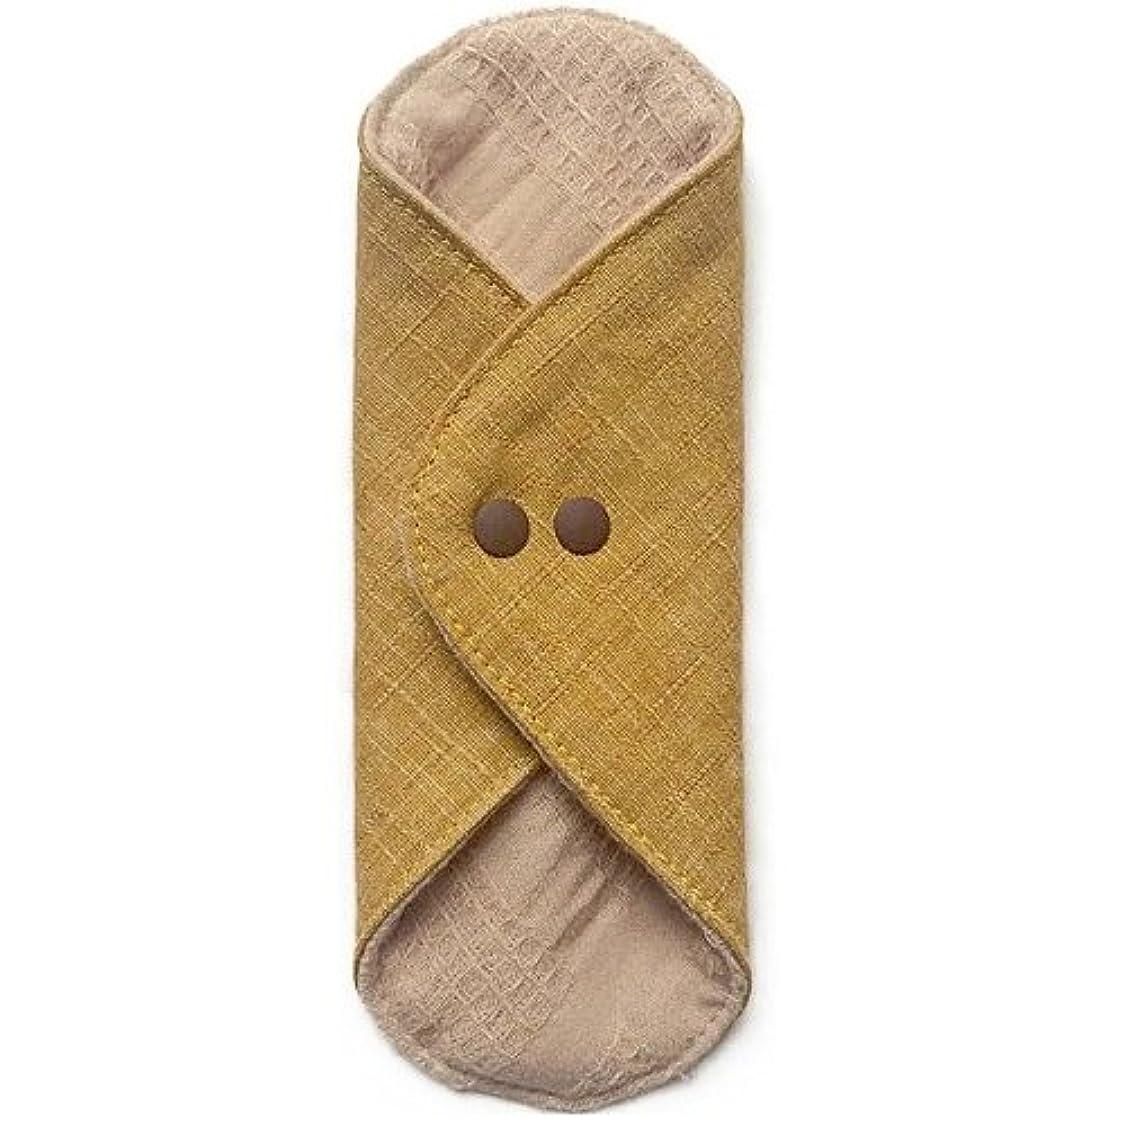 酸化物補助金キッチン華布のオーガニックコットンのあたため布 Mサイズ(約15×約15cm) 彩り(山吹)